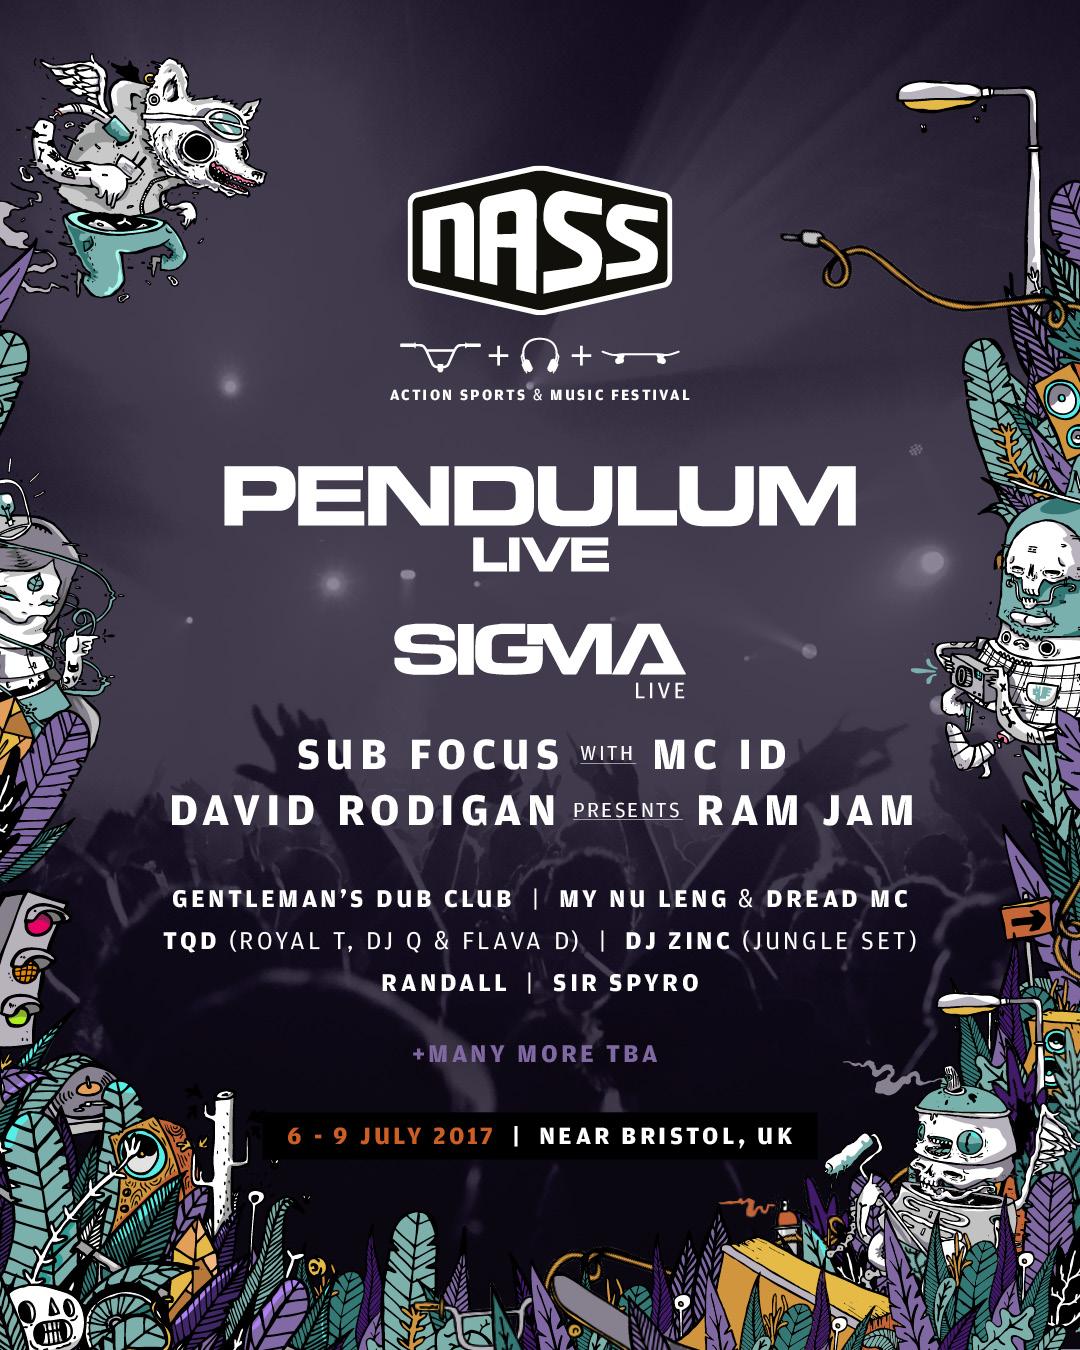 NASS 2017 Line Up